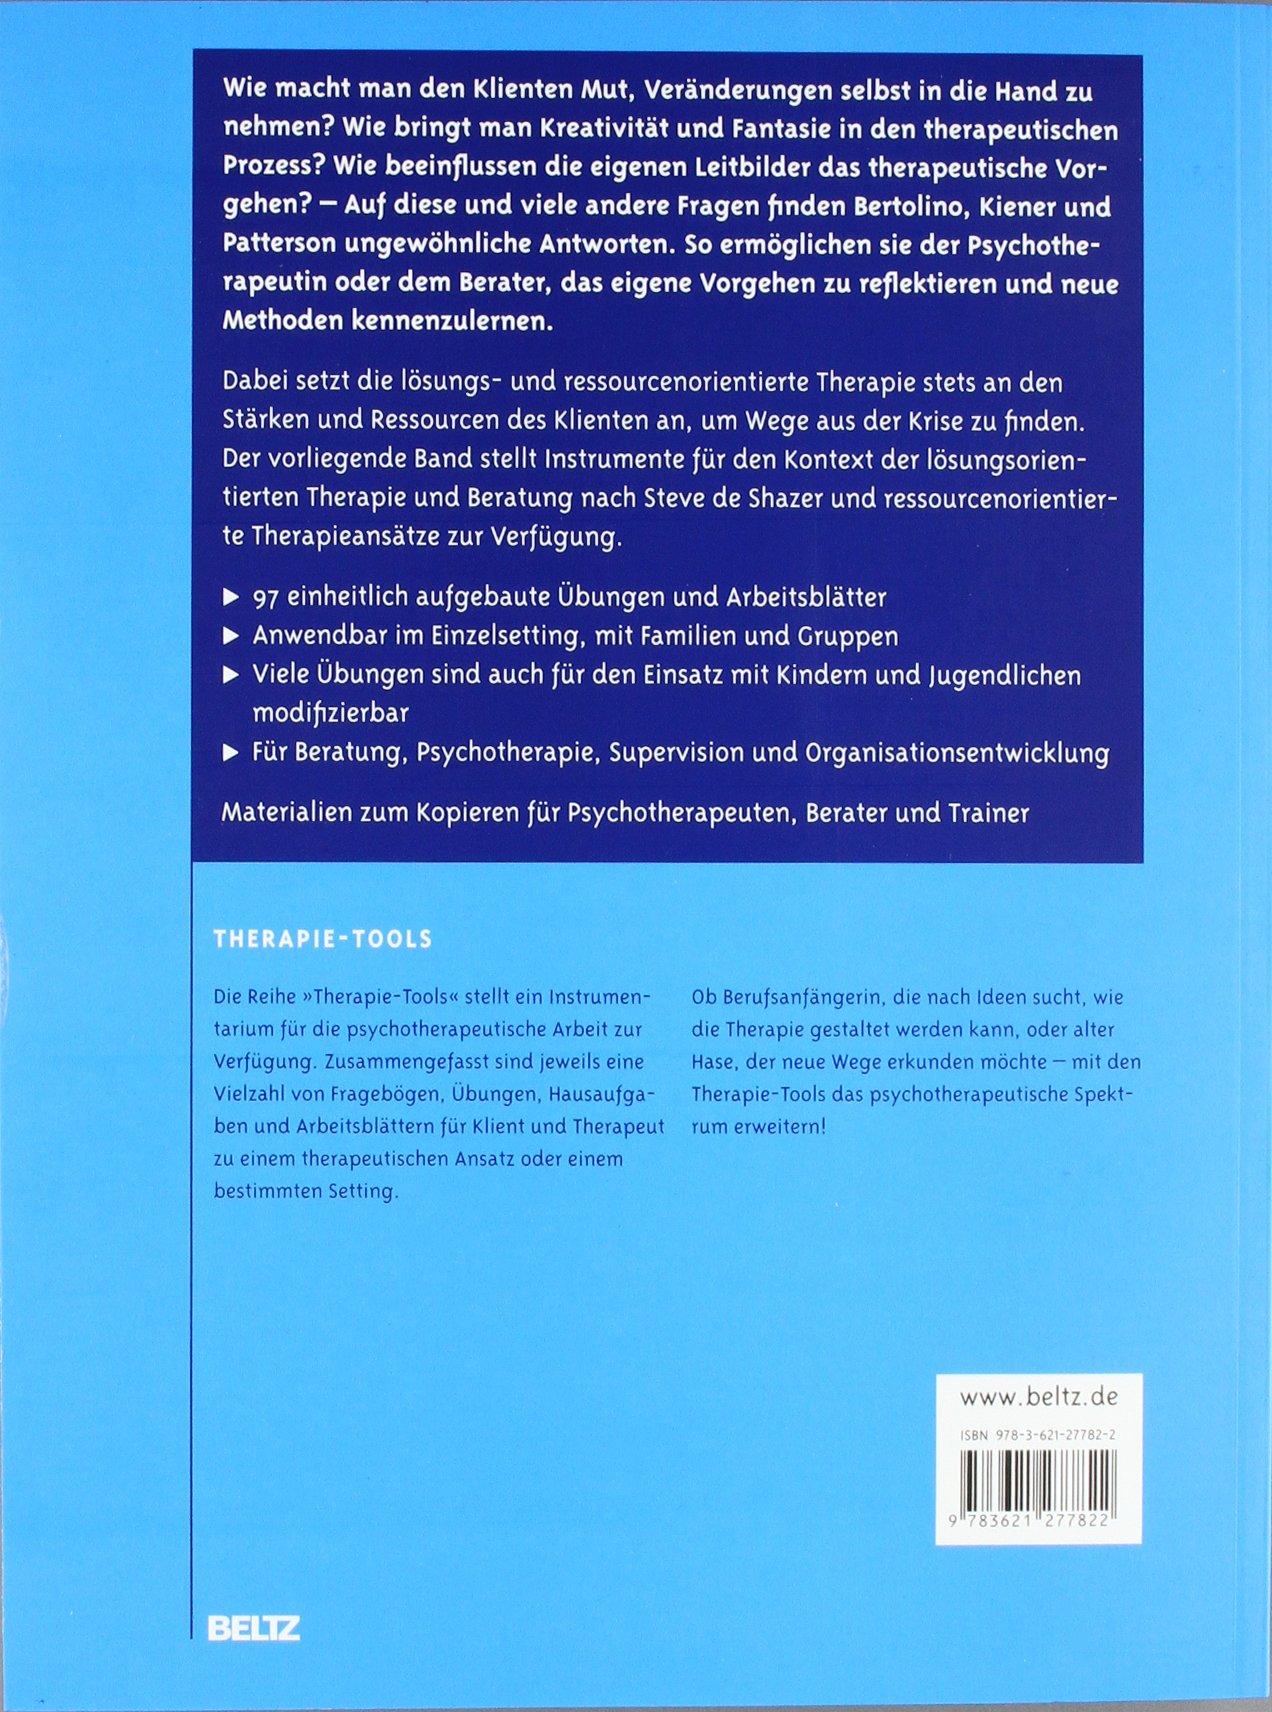 Therapie-Tools Lösungs- und ressourcenorientierte Therapie: Amazon ...